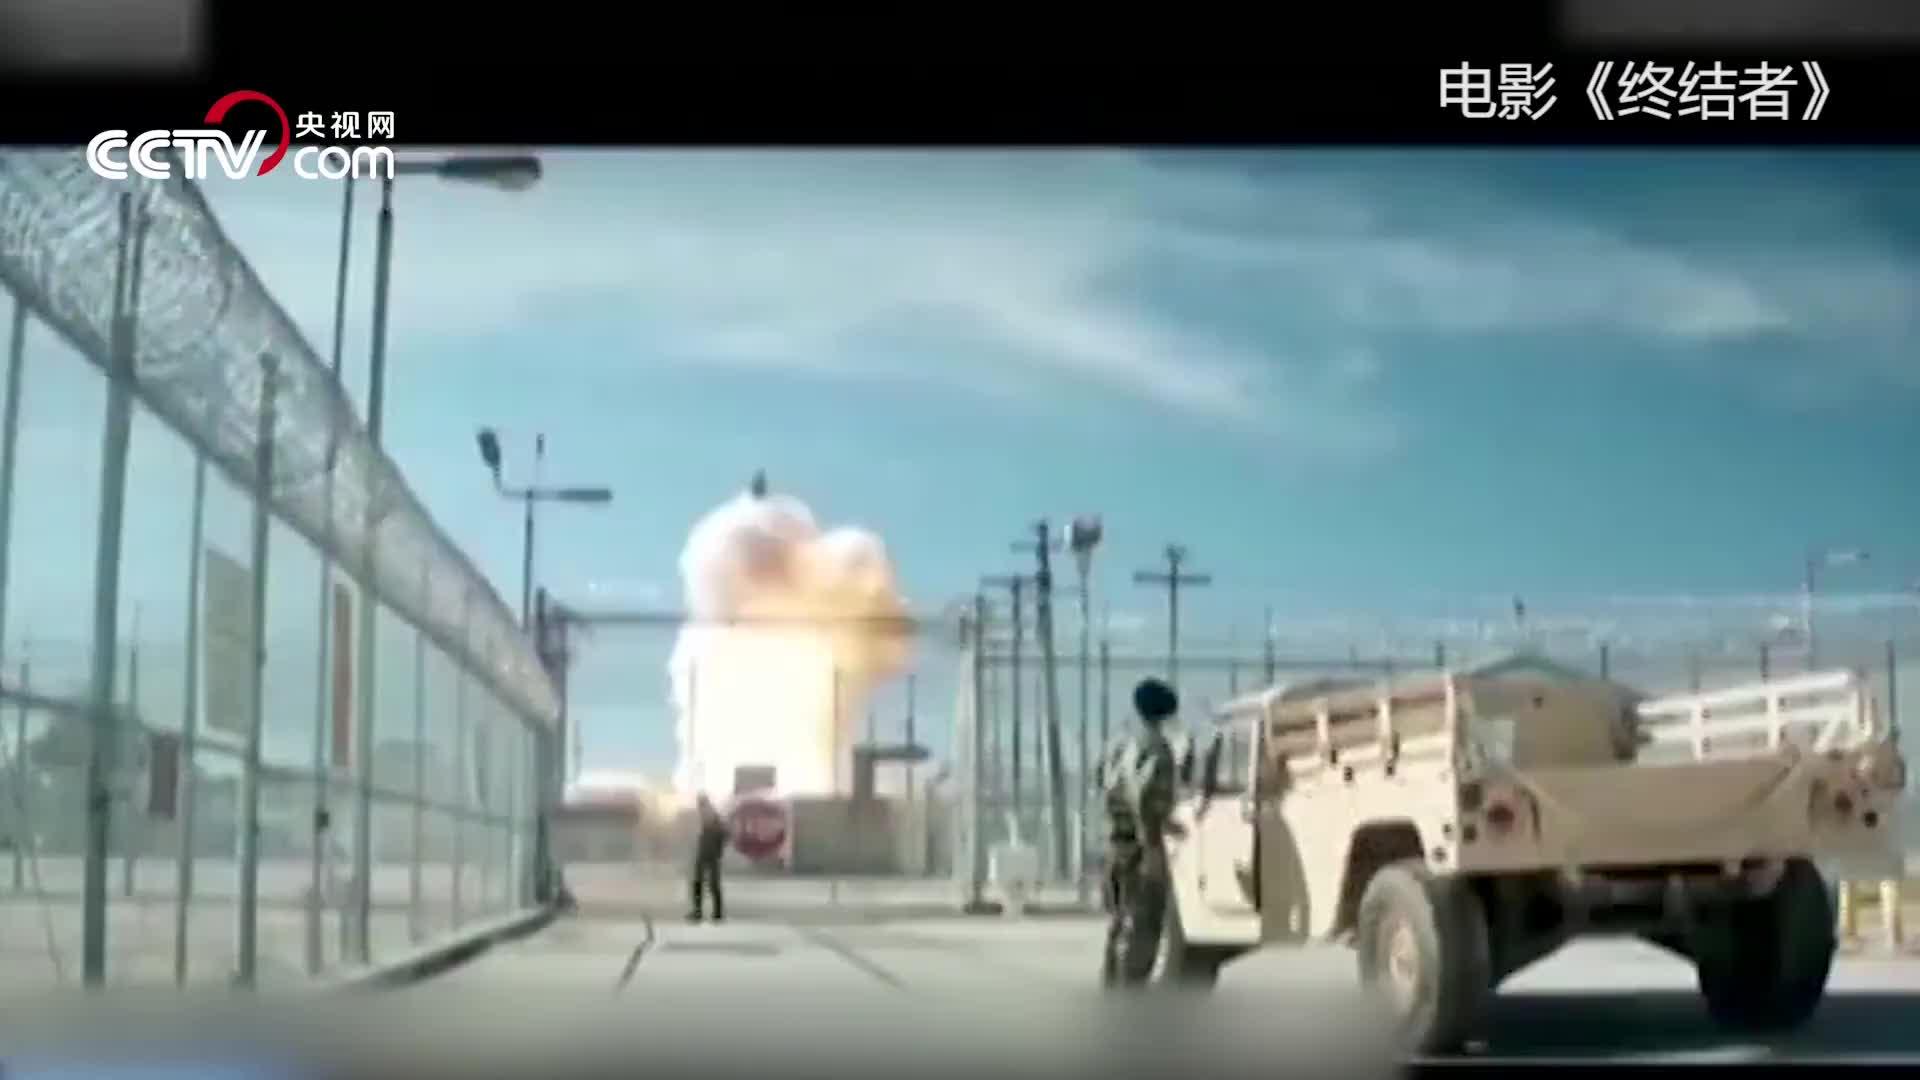 """[视频]人类生死将由机器掌控 韩国研发的""""杀手机器人""""有多恐怖?"""